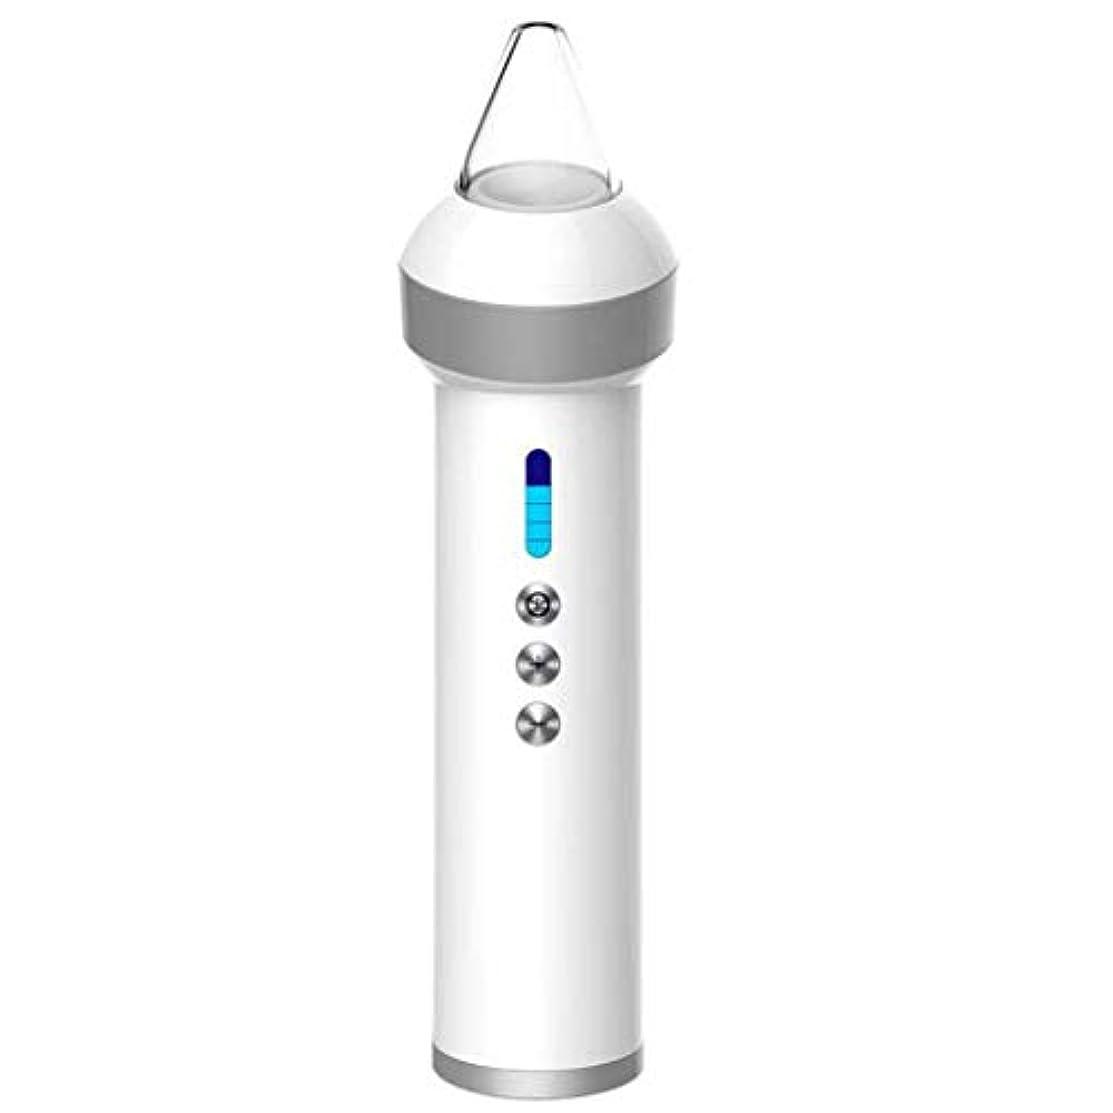 第九政策速い電気にきび楽器電気にきびにきび抽出器USB充電式電気皮膚毛穴クレンザー